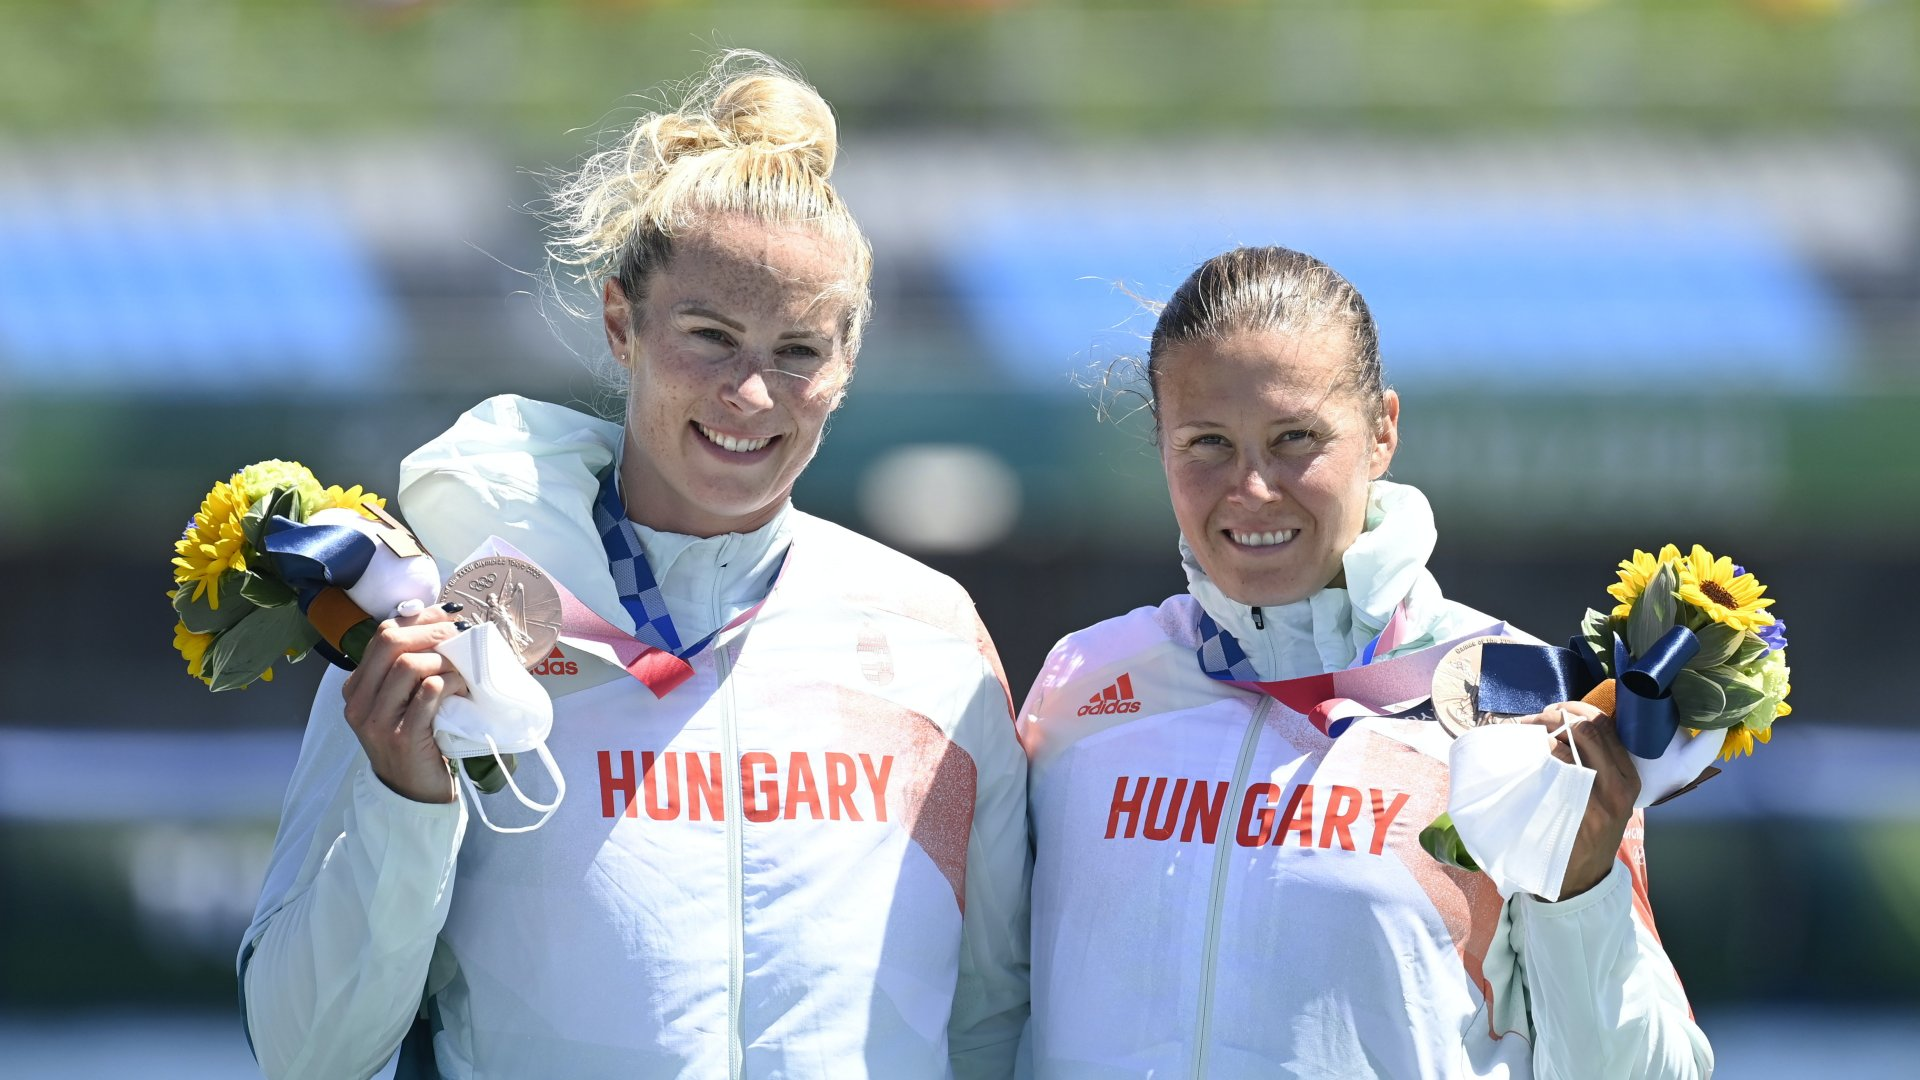 Magyar éremeső az olimpián: arany-, ezüst- és bronzérmet is szereztek a kajakosok